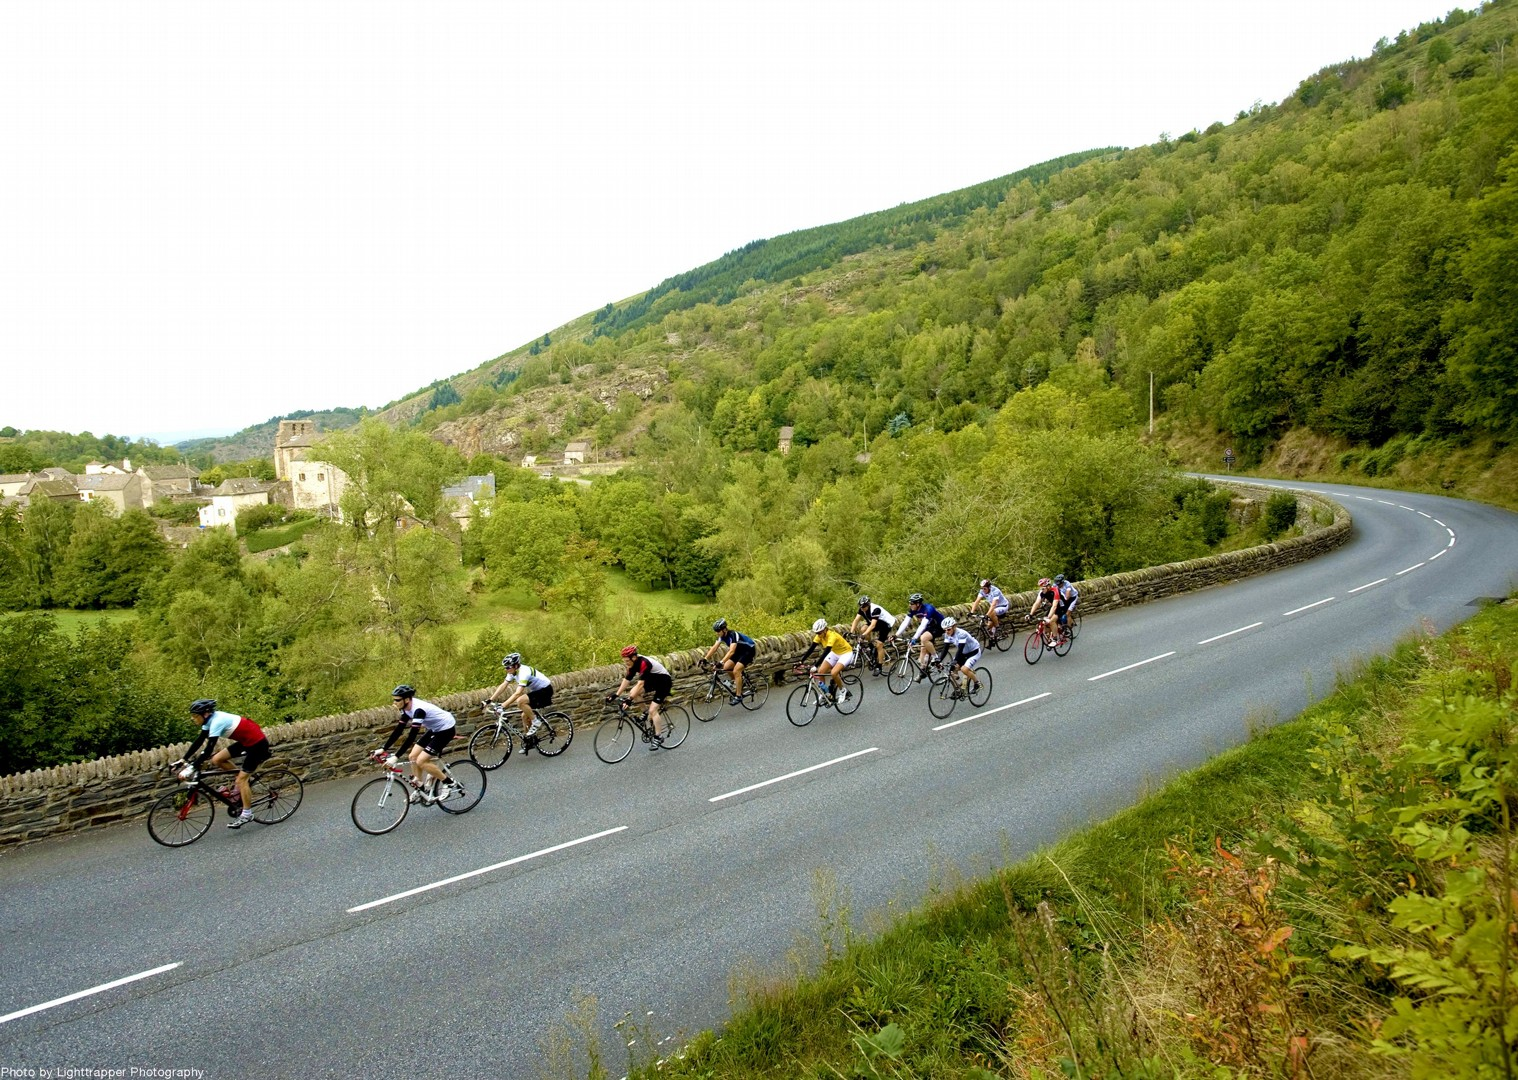 vosages-foothills-bike-saddle-skedaddle-cycling-road.jpg - France - Alsace, Burgundy and Beaujolais - Guided Road Cycling Holiday - Road Cycling